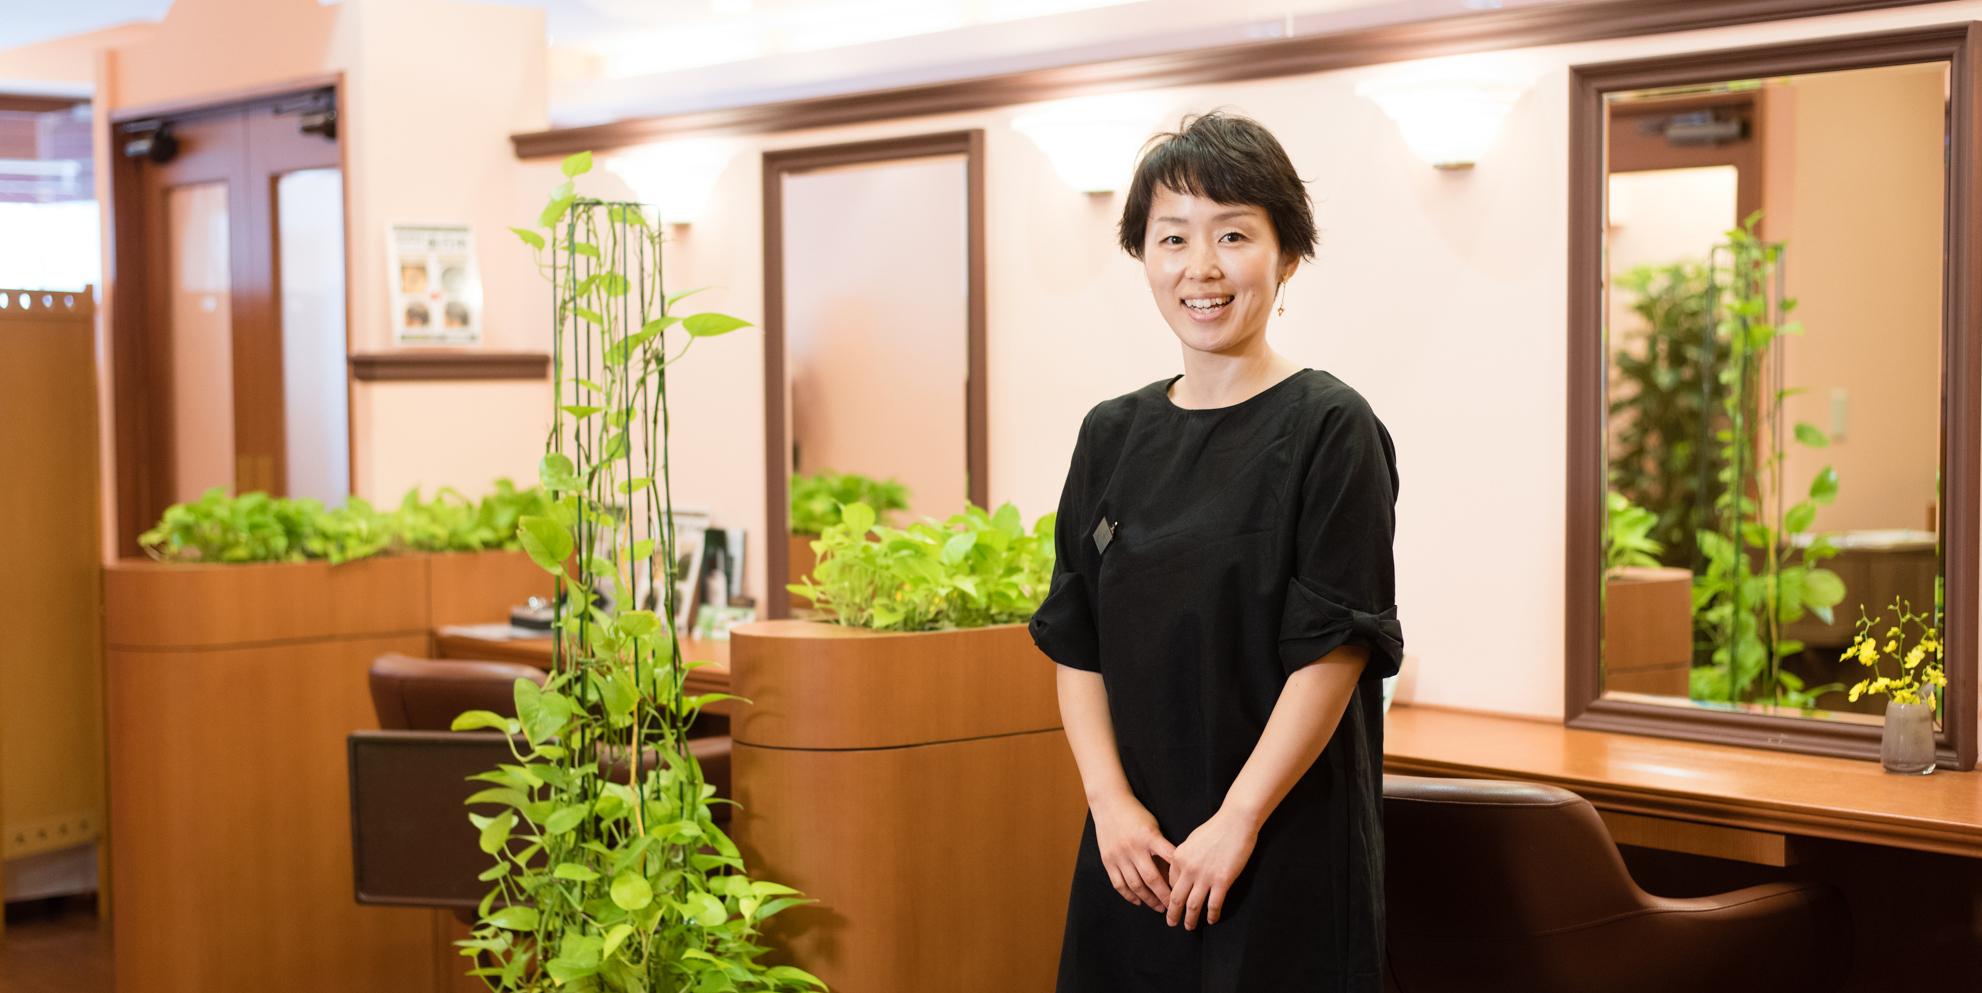 高野牧子さん/夢中で駆け抜けた店長時代から一転。結婚・出産で開けた新たな美容師人生とは?